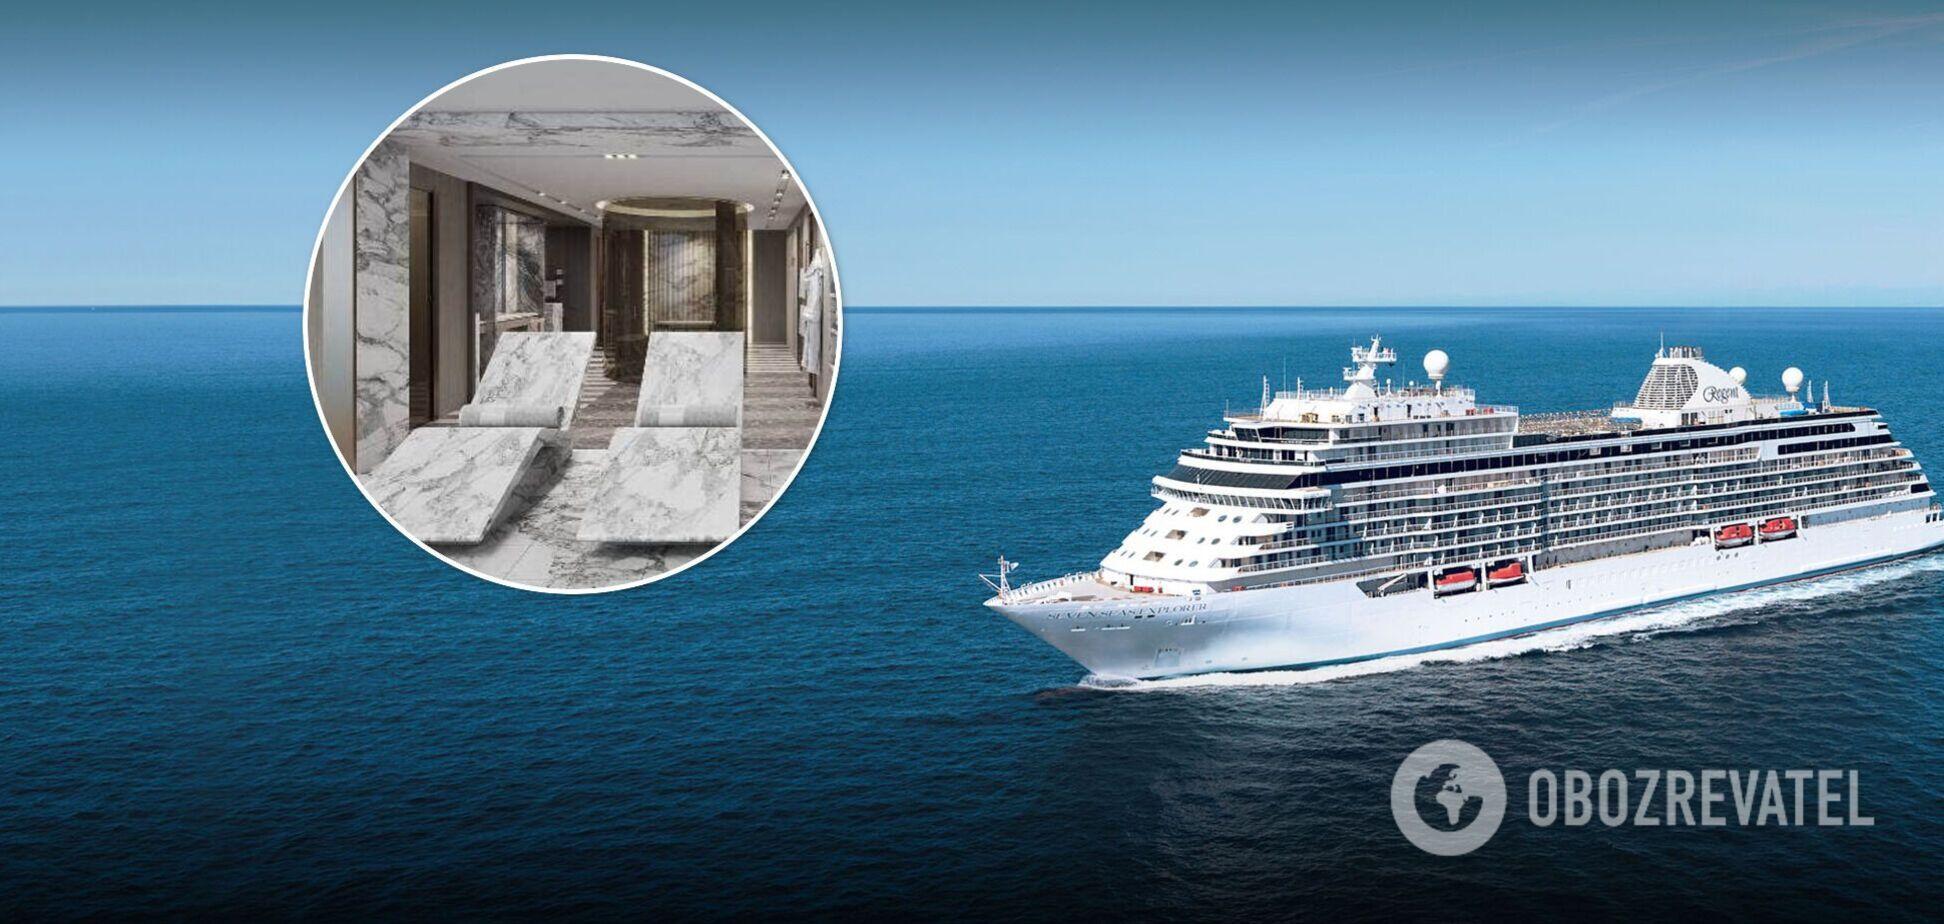 15 тысяч долларов за ночь: как выглядит каюта одного из самых роскошных круизных лайнеров мира. Фото